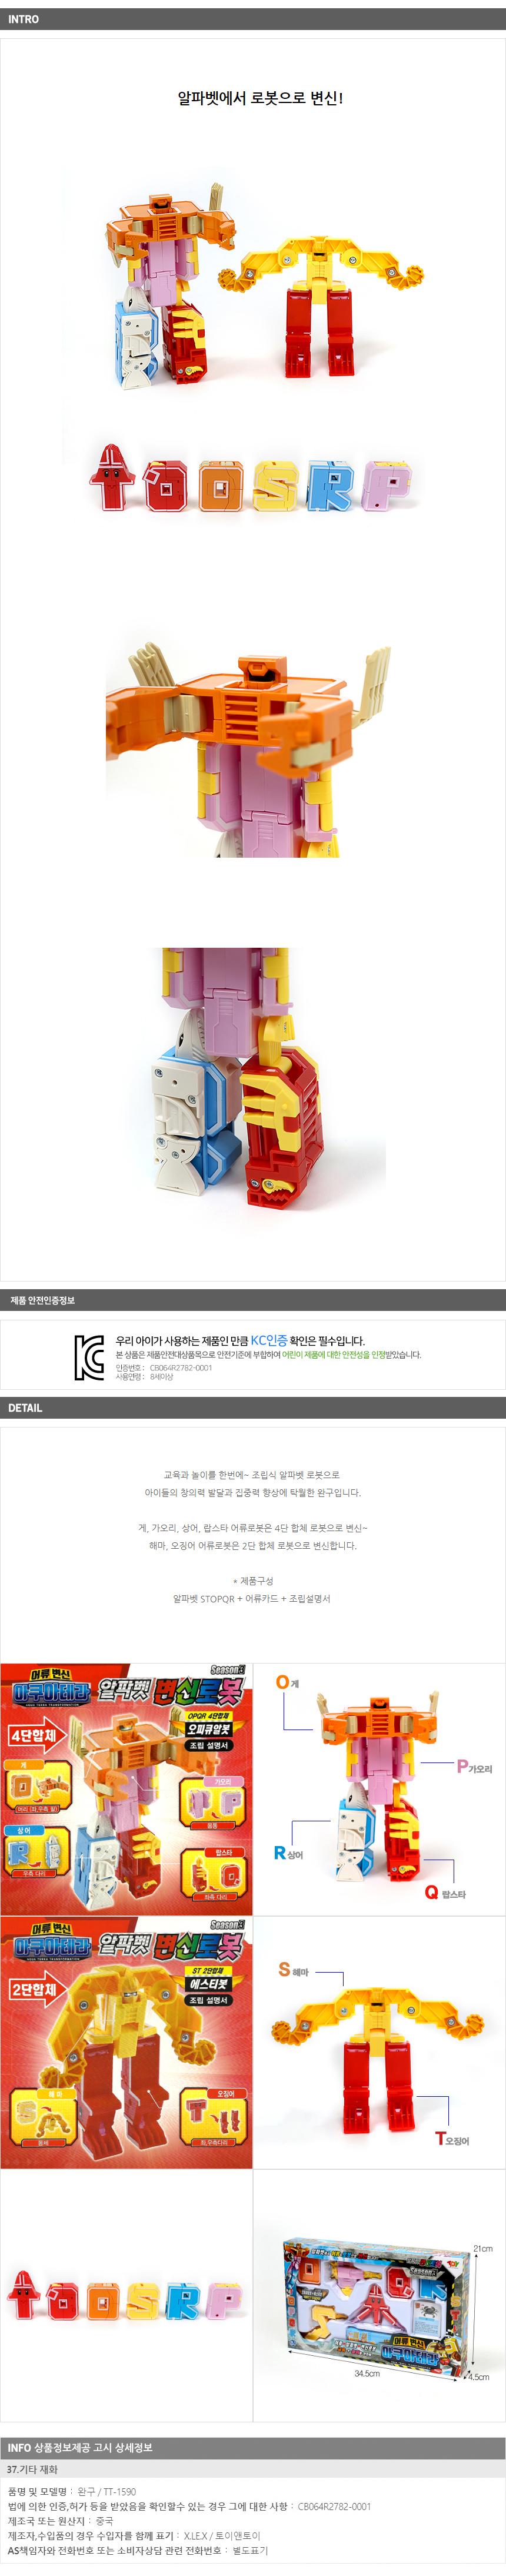 알파벳 변신 로봇 합체로봇 장난감 - 기프트갓, 18,100원, 장난감, 장난감